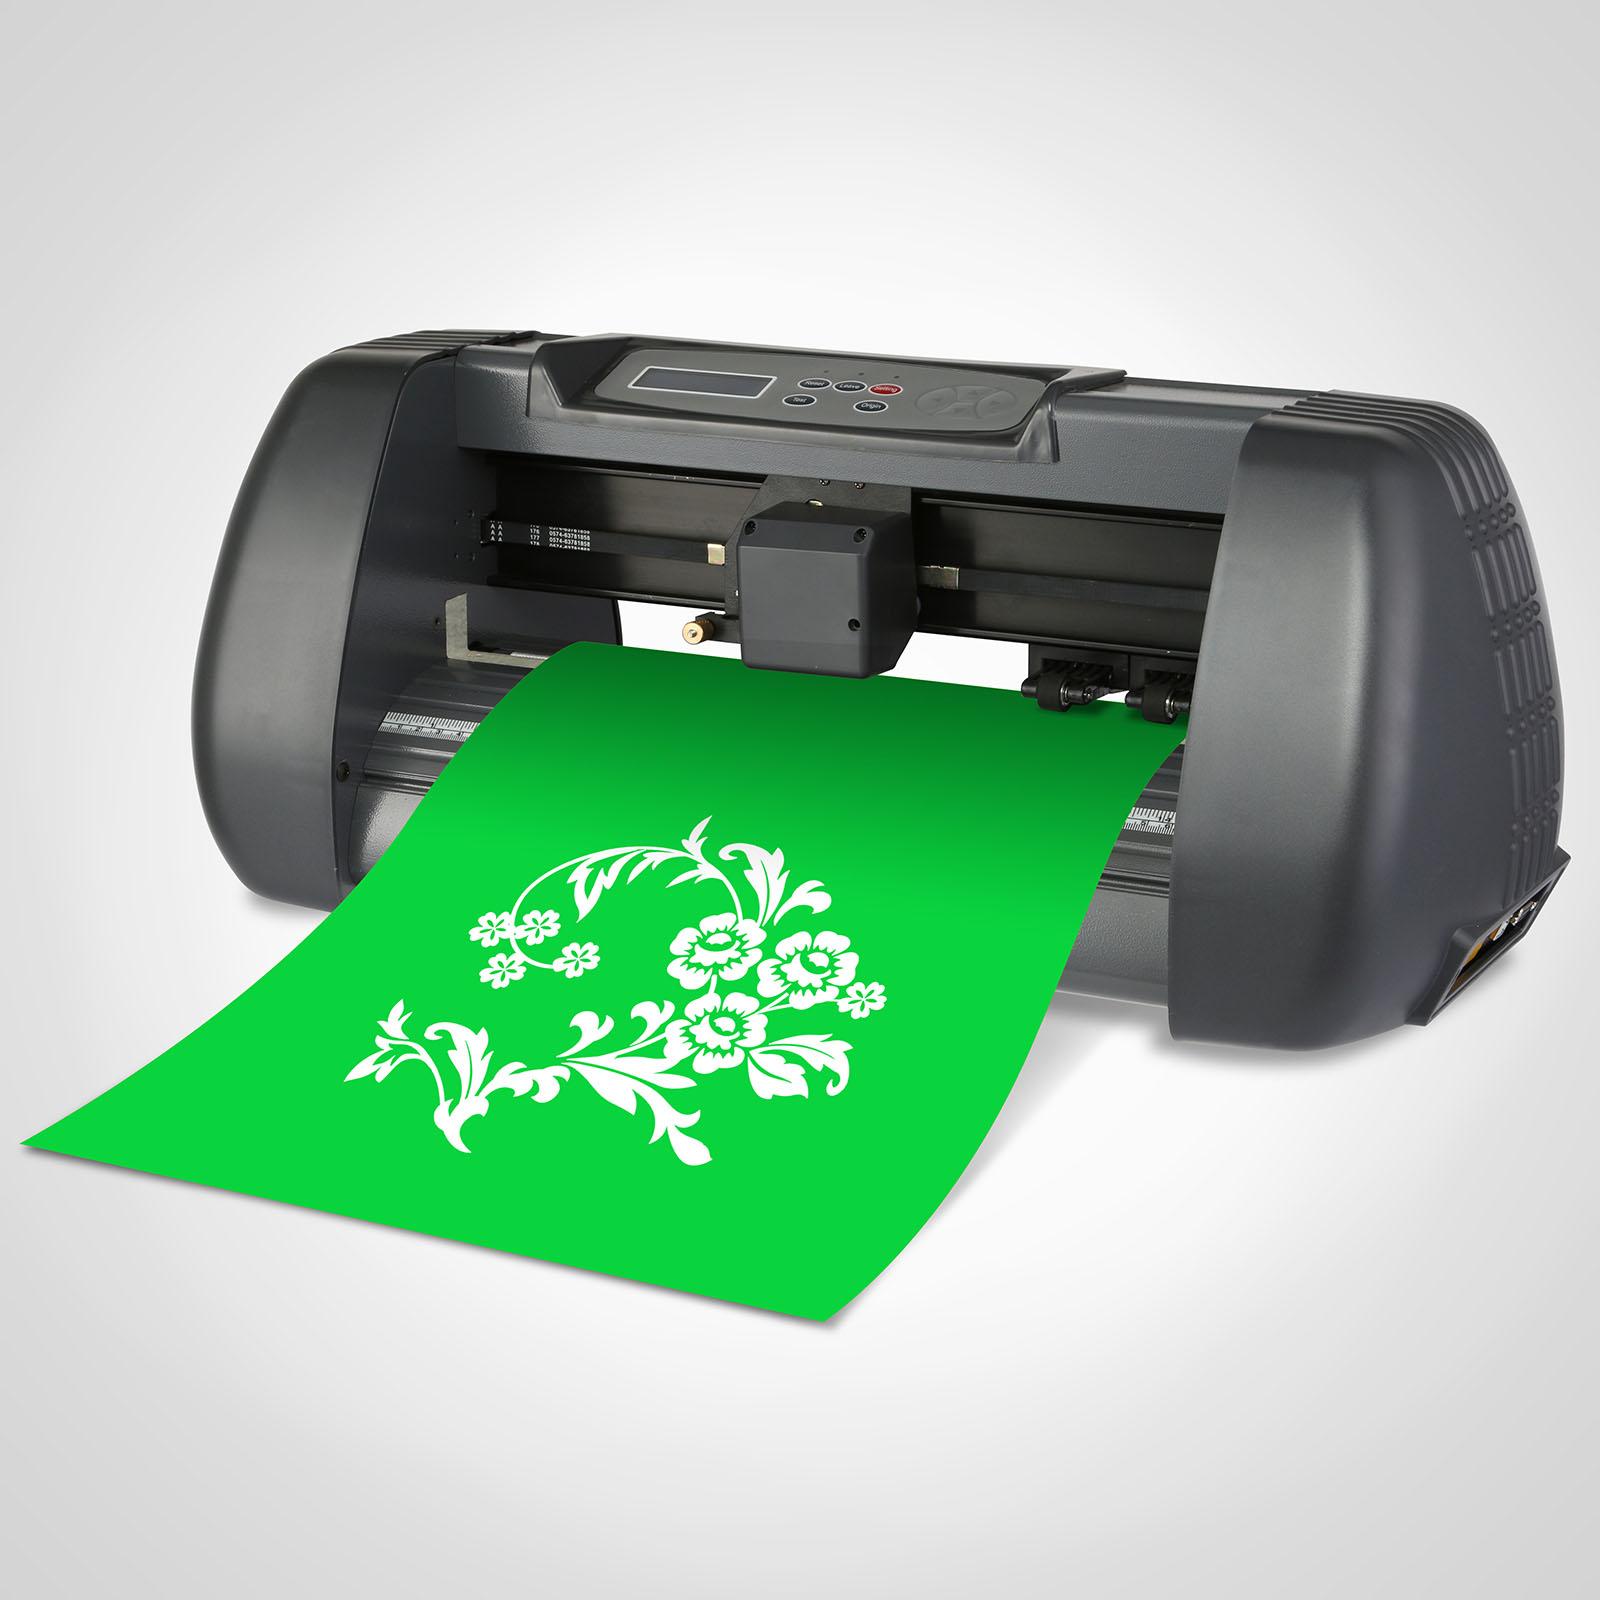 14 Quot Vinyl Cutting Plotter Printer Desktop Cutter Heat